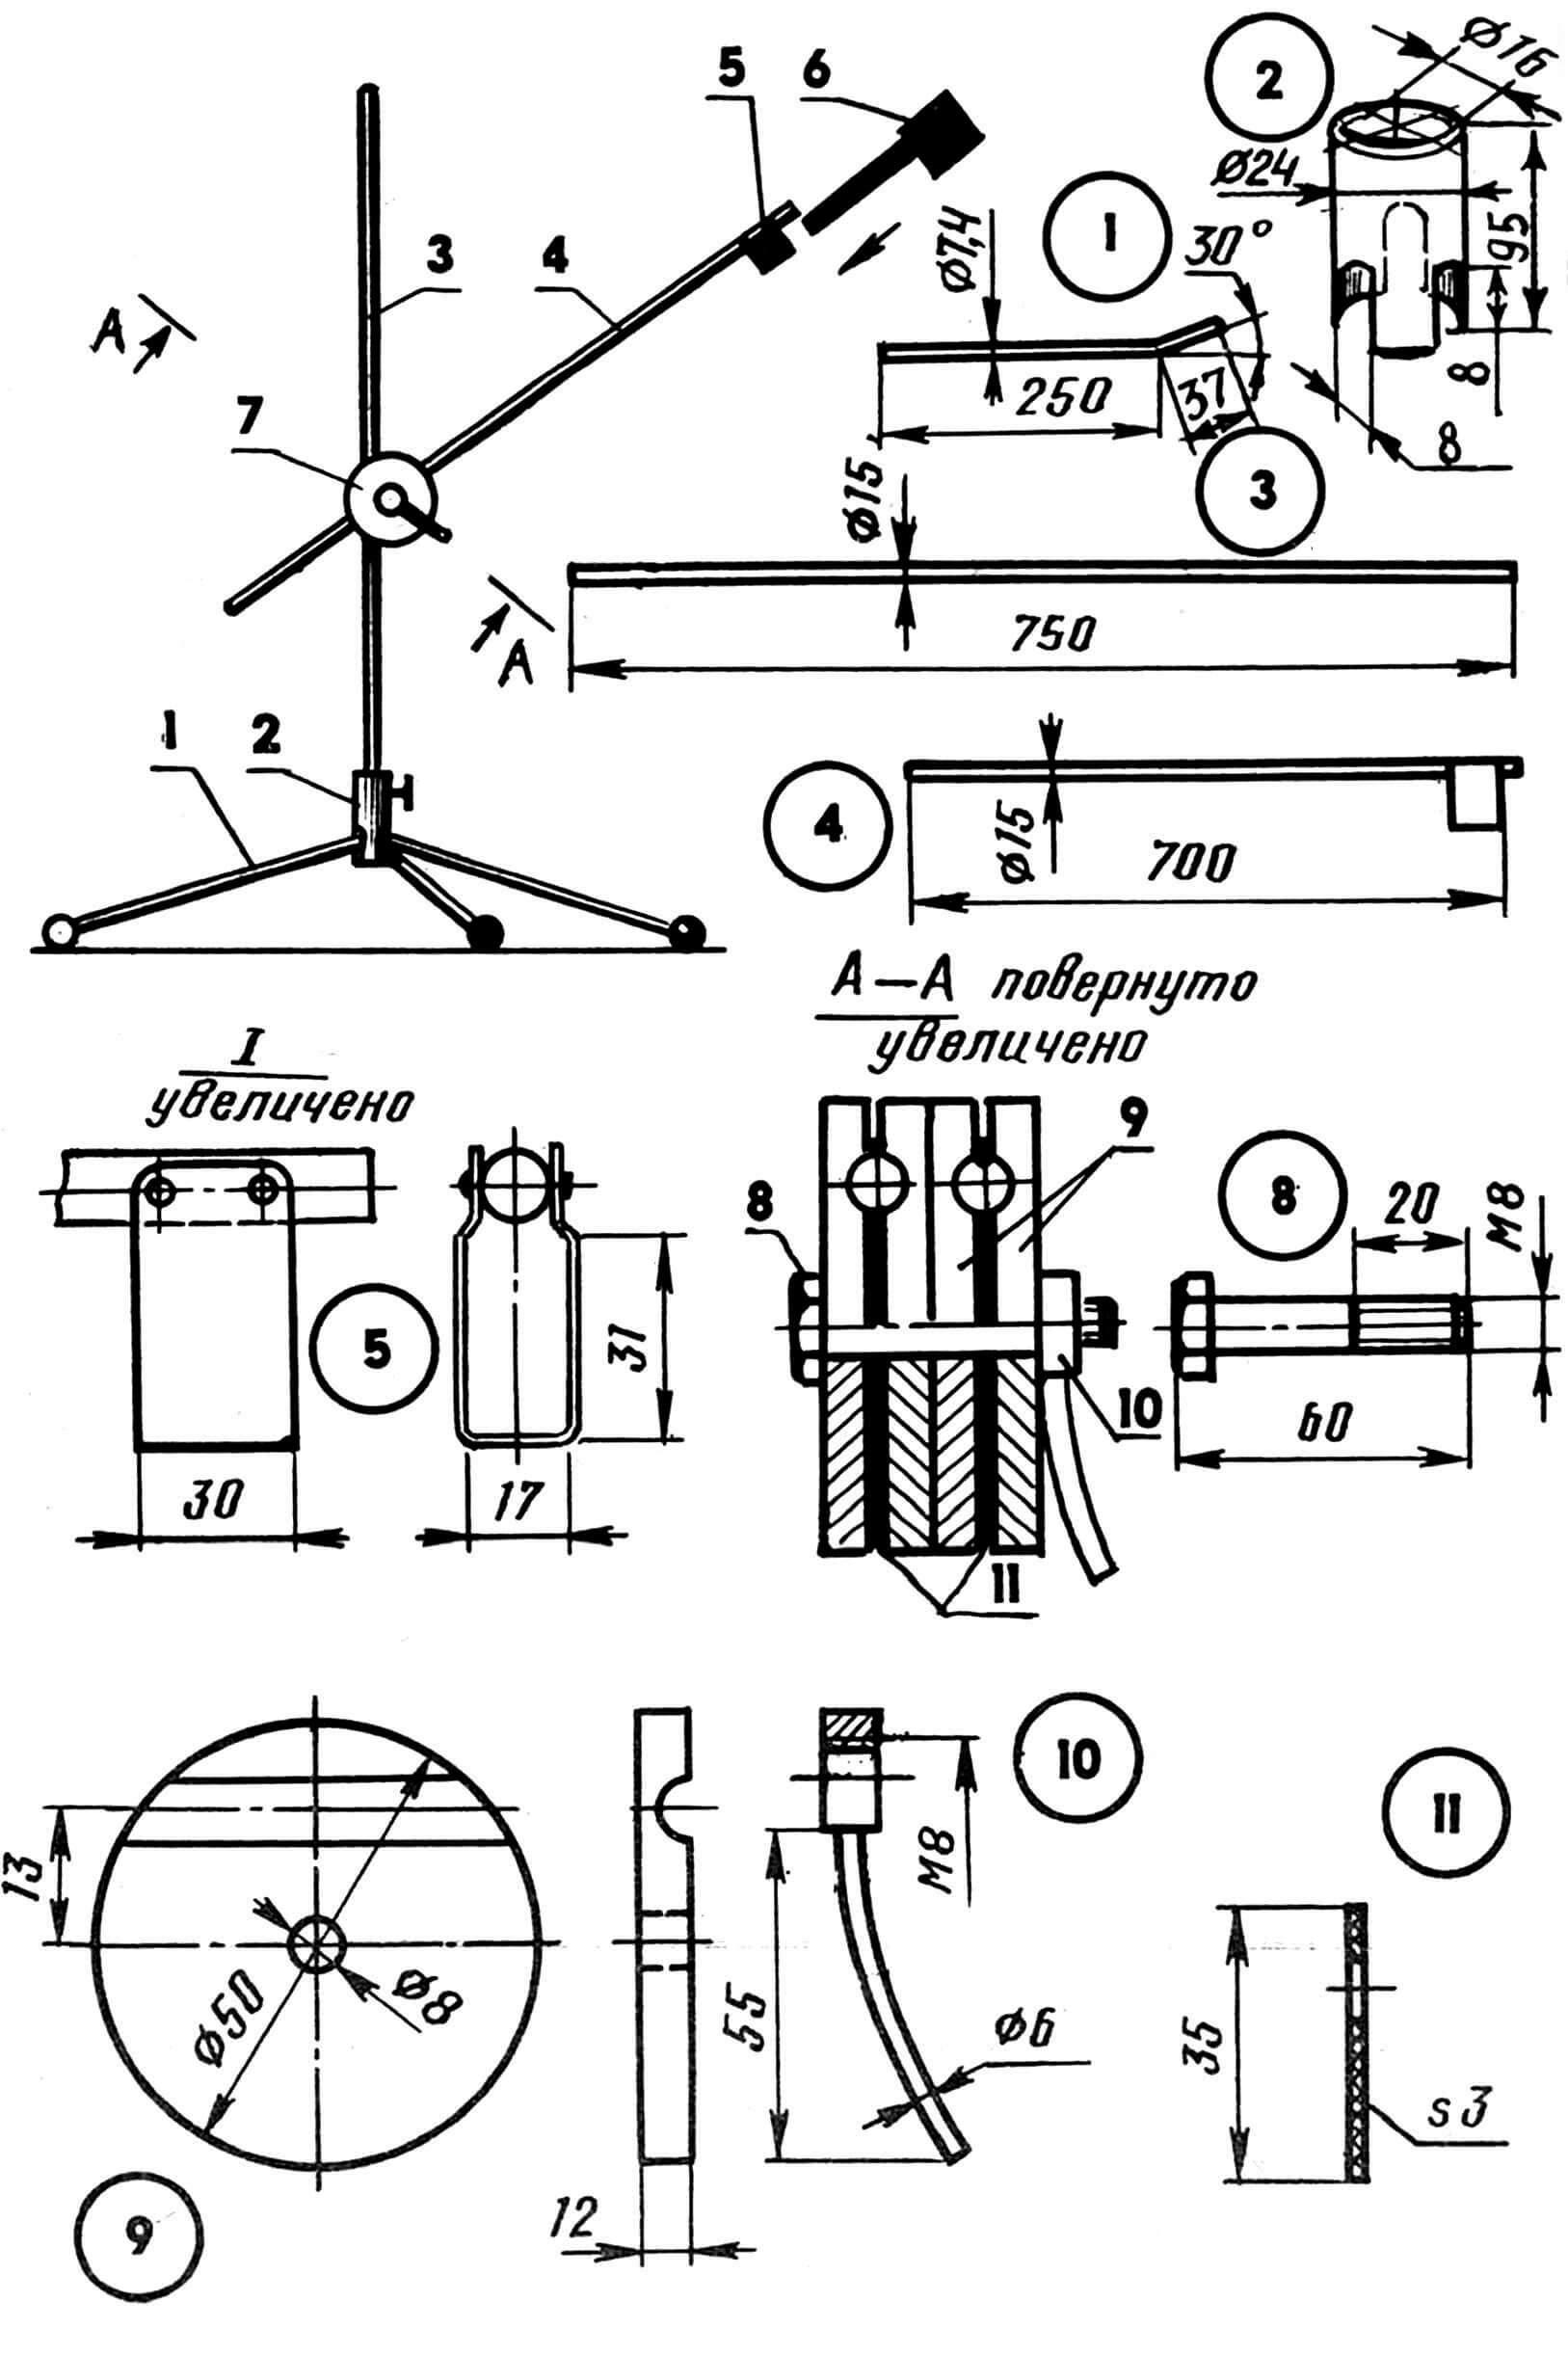 Портативный складной штатив для софита: 1 — трубка треноги, 2 — втулка-основание, 3 — стойка, 4 — отклоняющаяся штанга, 5 — гнездо под рукоять софита, 6 — софит, 7 — зажимной блок, 8 — зажимной болт, 9 — зажимные диски, 10 — рычажная гайка, 11 — резиновые полушайбы.